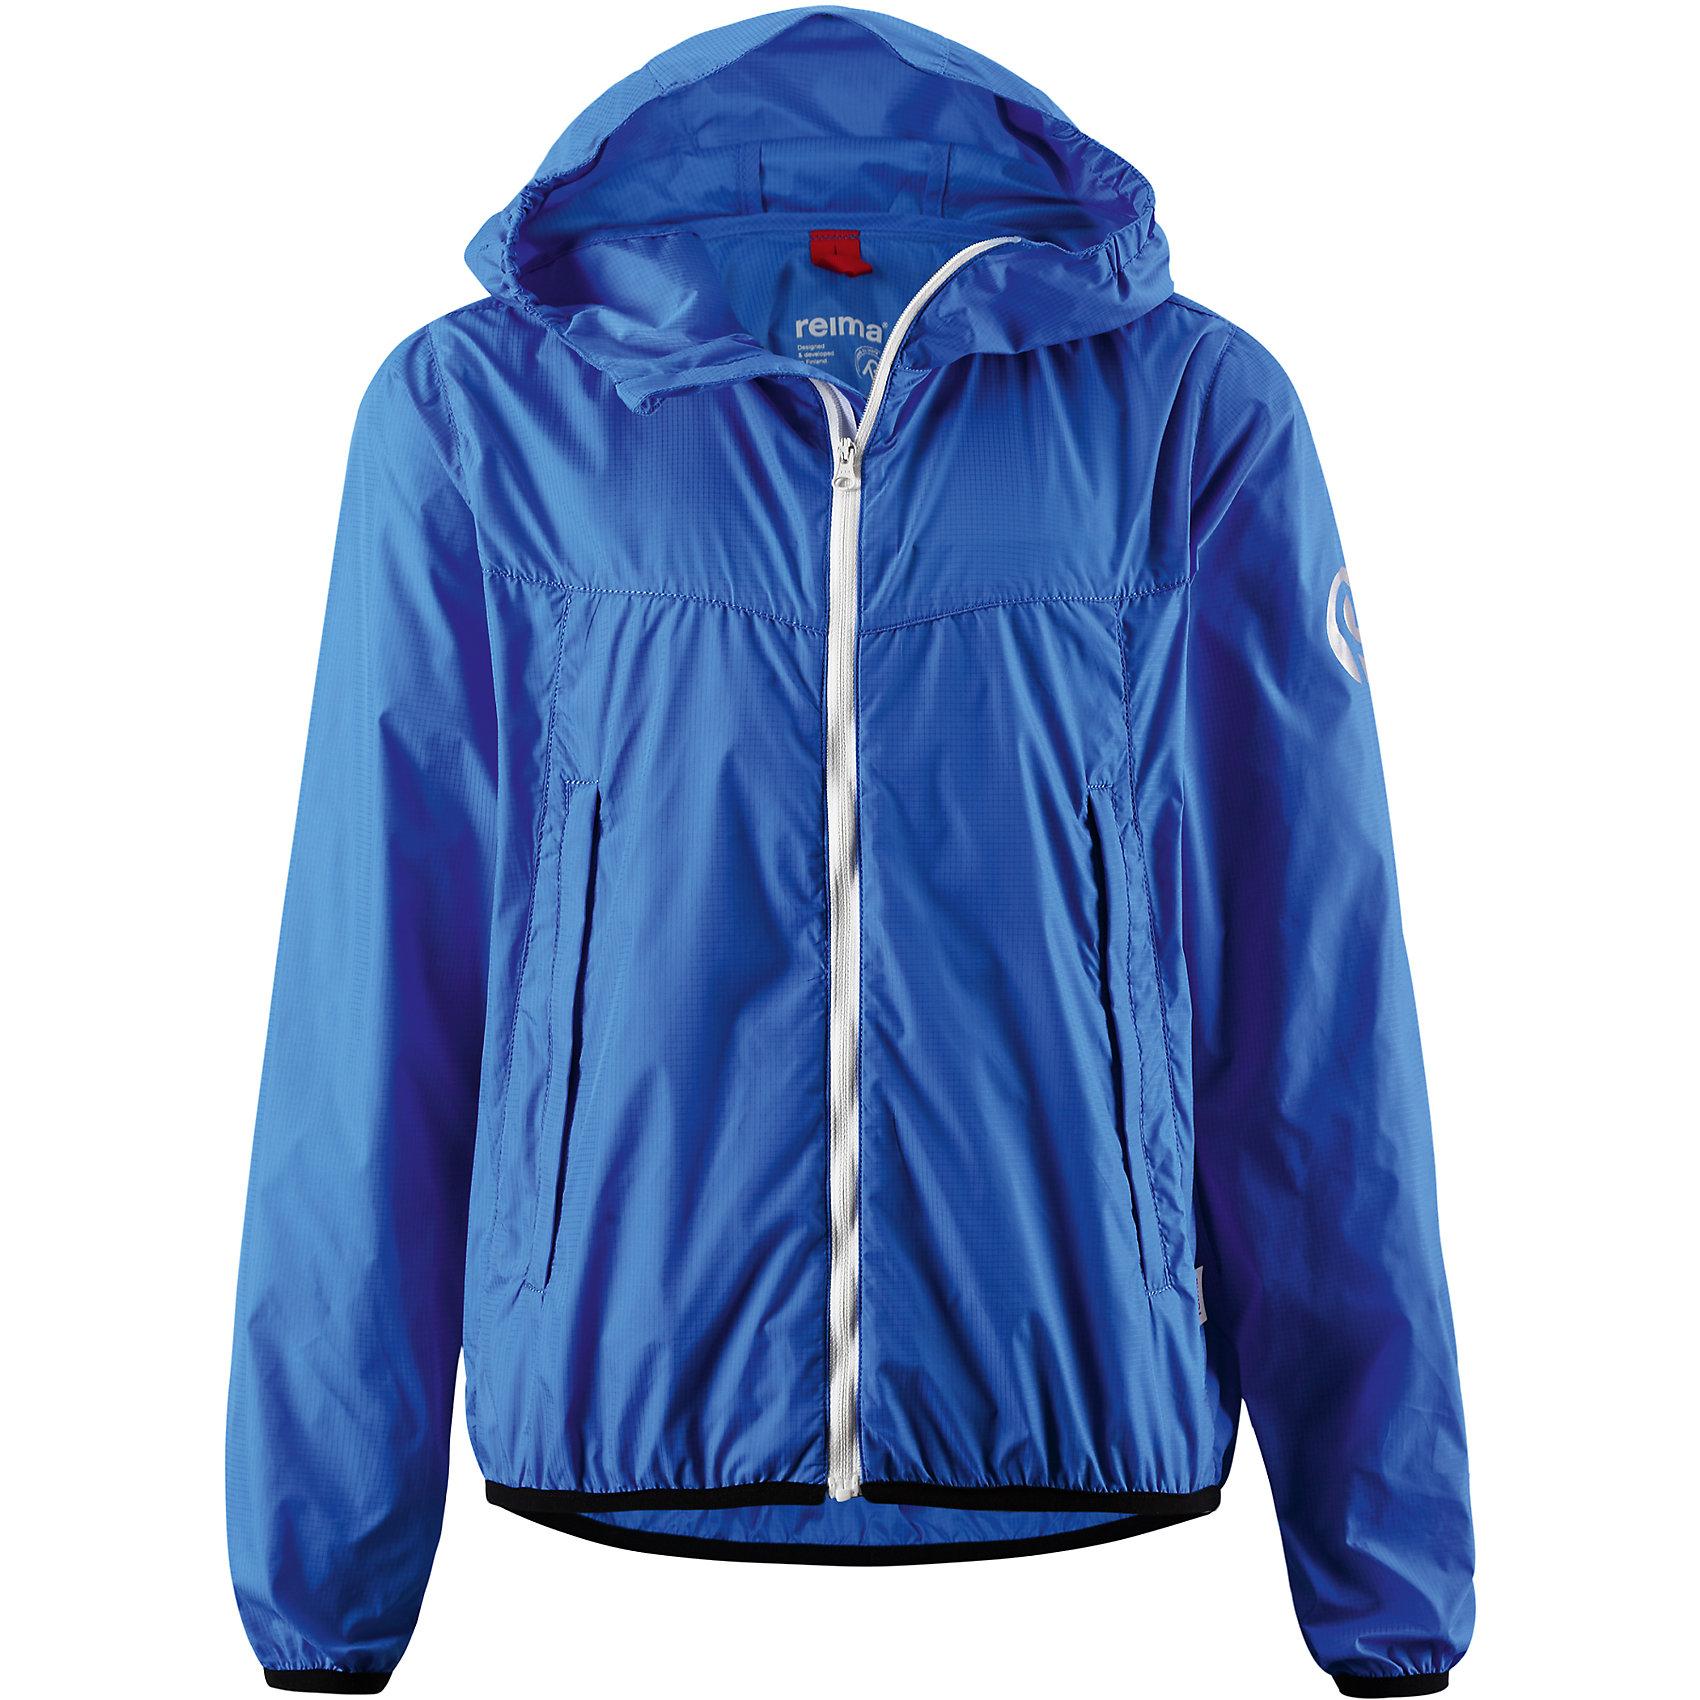 Куртка Microlite для мальчика ReimaХарактеристики товара:<br><br>• цвет: синий<br>• состав: 100% полиамид<br>• температурный режим: от +5°до +15°С<br>• демисезон<br>• без утеплителя<br>• застежка: молния<br>• эластичные манжеты<br>• отстегивающийся капюшон<br>• карманы<br>• логотип<br>• комфортная посадка<br>• страна производства: Китай<br>• страна бренда: Финляндия<br><br>Верхняя одежда для детей может быть модной и комфортной одновременно! Легкая куртка поможет обеспечить ребенку комфорт и тепло. Она отлично смотрится с различной одеждой и обувью. Изделие удобно сидит и модно выглядит. Стильный дизайн разрабатывался специально для детей.<br><br>Одежда и обувь от финского бренда Reima пользуется популярностью во многих странах. Эти изделия стильные, качественные и удобные. Для производства продукции используются только безопасные, проверенные материалы и фурнитура. Порадуйте ребенка модными и красивыми вещами от Reima! <br><br>Куртку Microlite для мальчика от финского бренда Reima (Рейма) можно купить в нашем интернет-магазине.<br><br>Ширина мм: 356<br>Глубина мм: 10<br>Высота мм: 245<br>Вес г: 519<br>Цвет: синий<br>Возраст от месяцев: 108<br>Возраст до месяцев: 120<br>Пол: Унисекс<br>Возраст: Детский<br>Размер: 140,152,134,128<br>SKU: 5415555